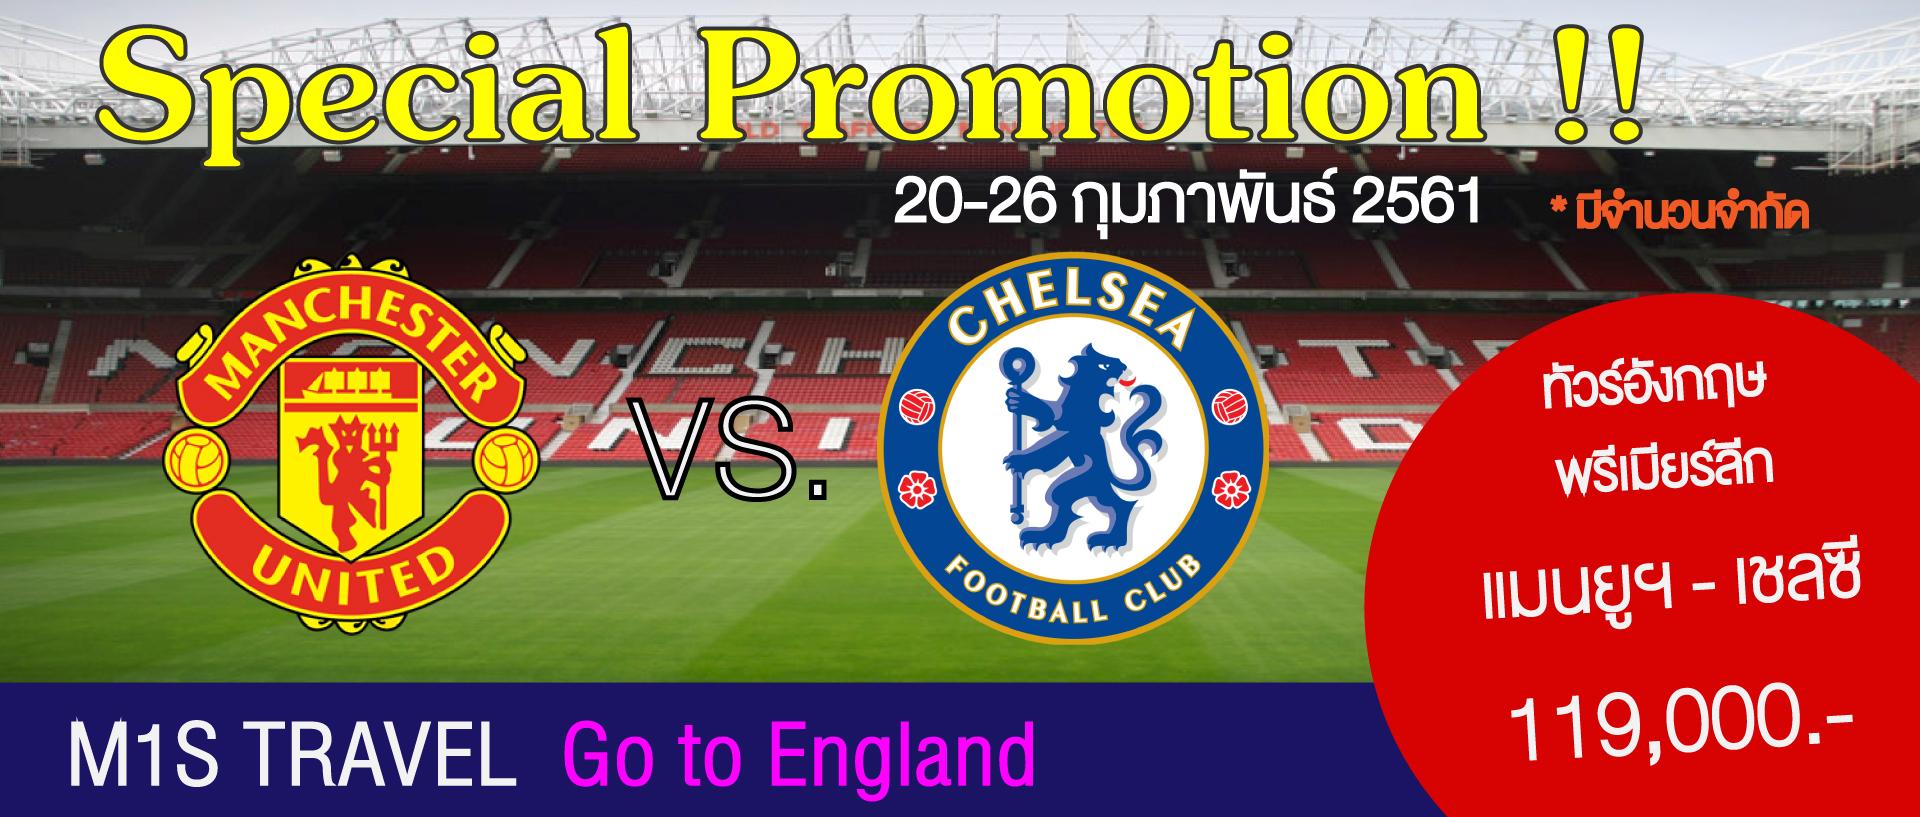 ทัวร์ดูบอลอังกฤษ แมนยูฯ vs เชลซี วันที่ 20-26 กุมภาพันธ์ 2561